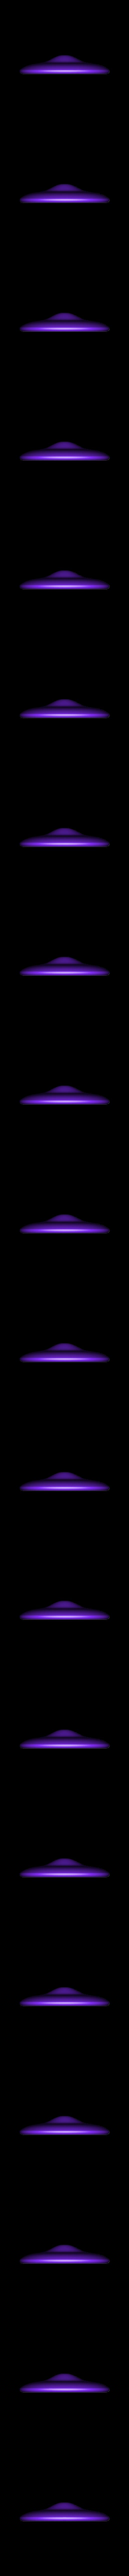 Top_1_silver.stl Télécharger fichier STL gratuit Lampe au kérosène version Halloween • Modèle à imprimer en 3D, poblocki1982